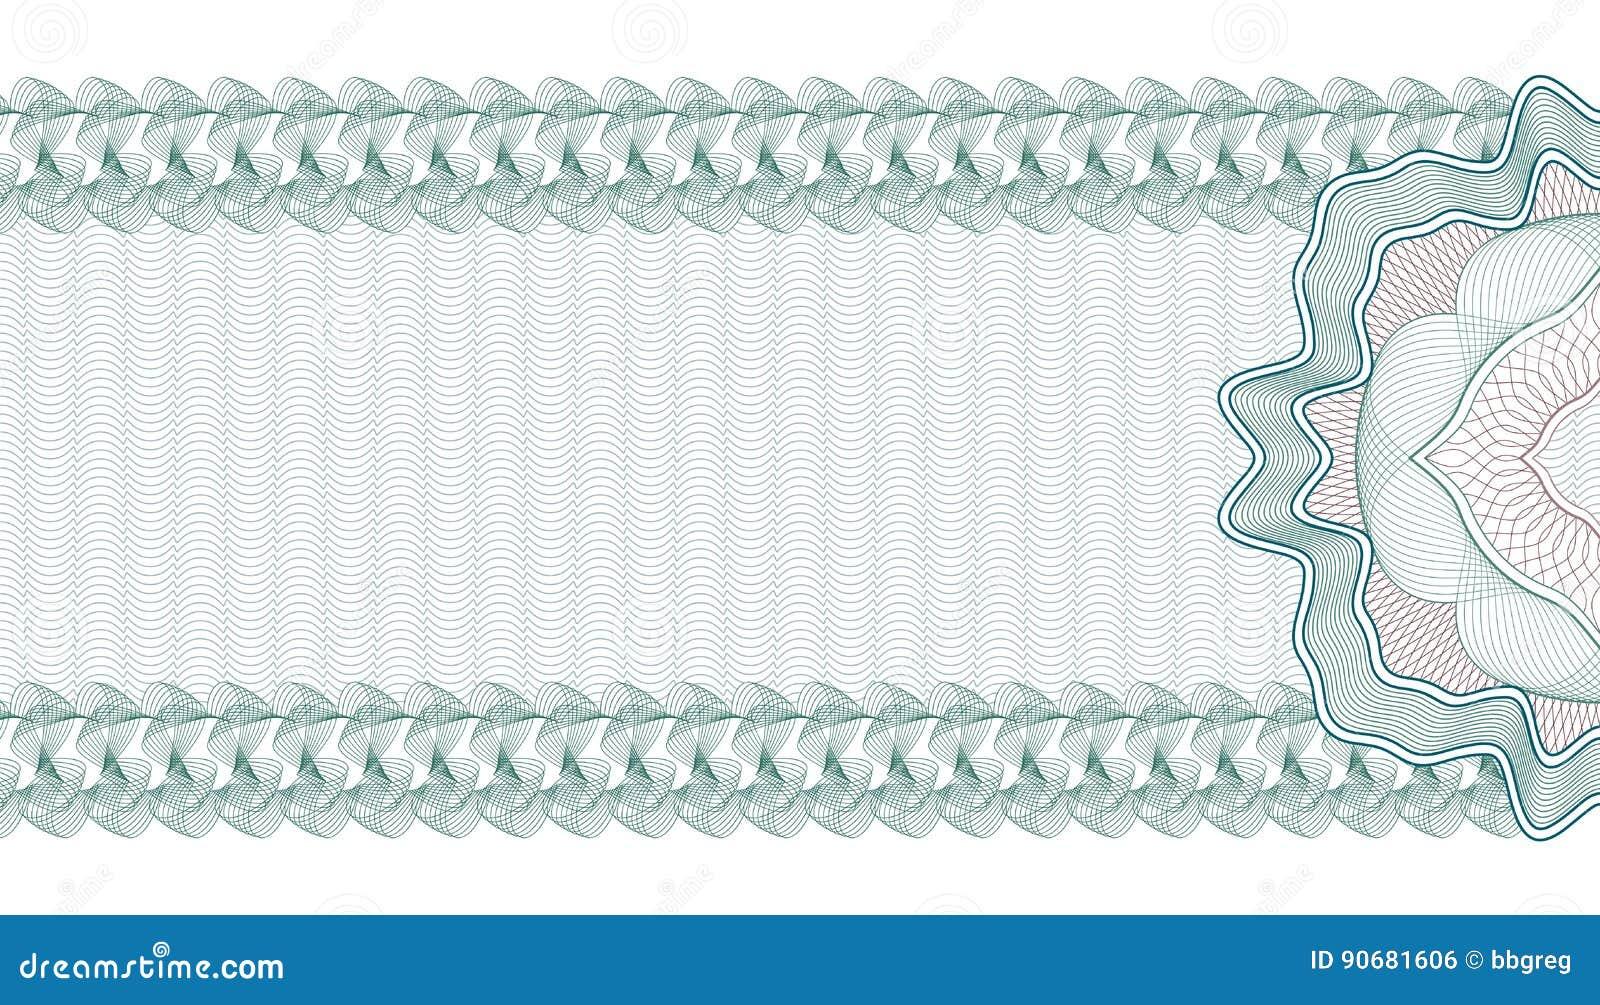 Guilloche-Hintergrund Für Gutschein, Beleg Oder Banknote, Schablone ...